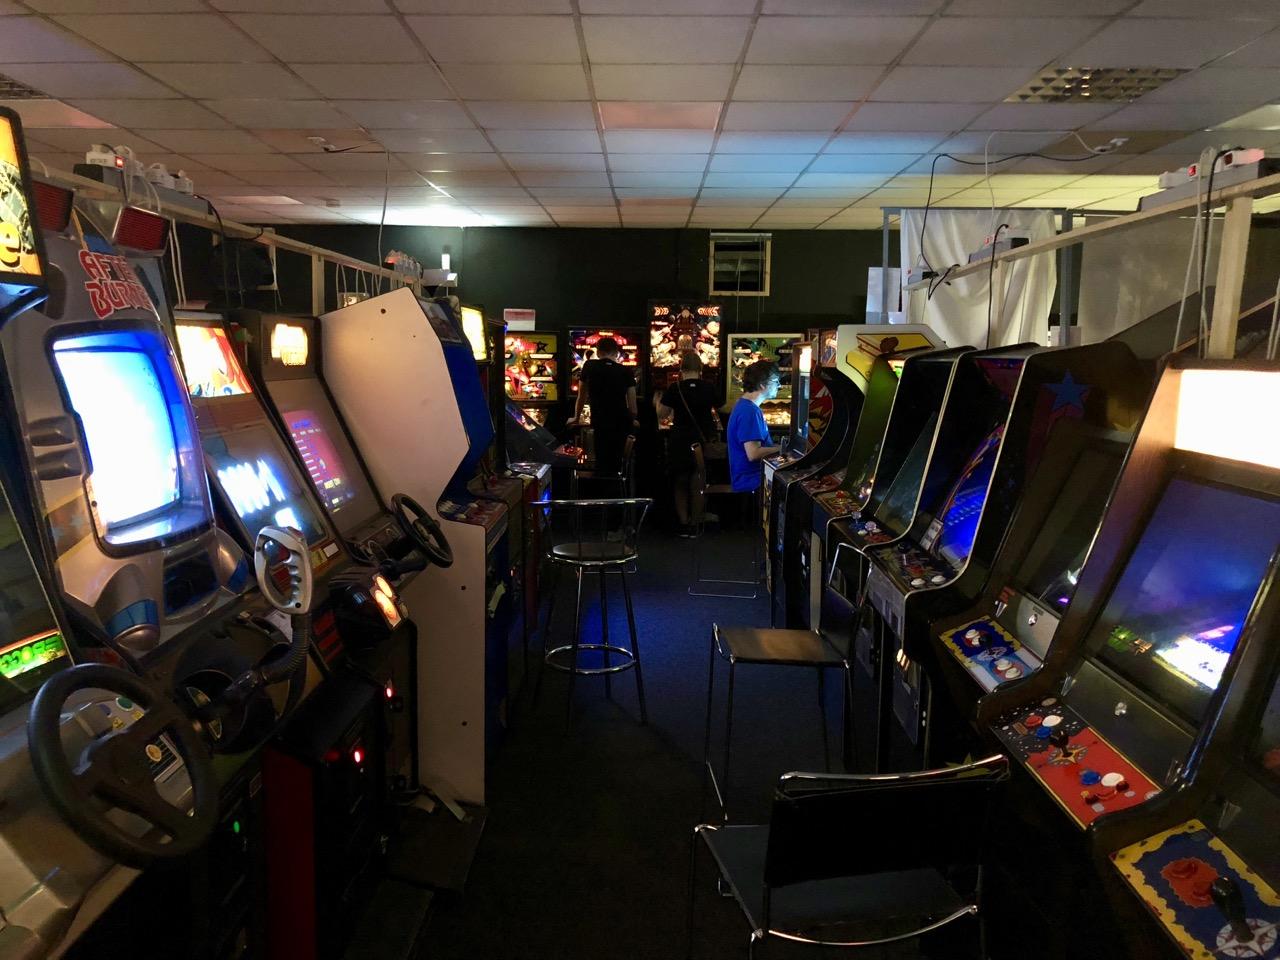 Videospielautomaten für jeden Geschmack. (Bild: André Eymann)